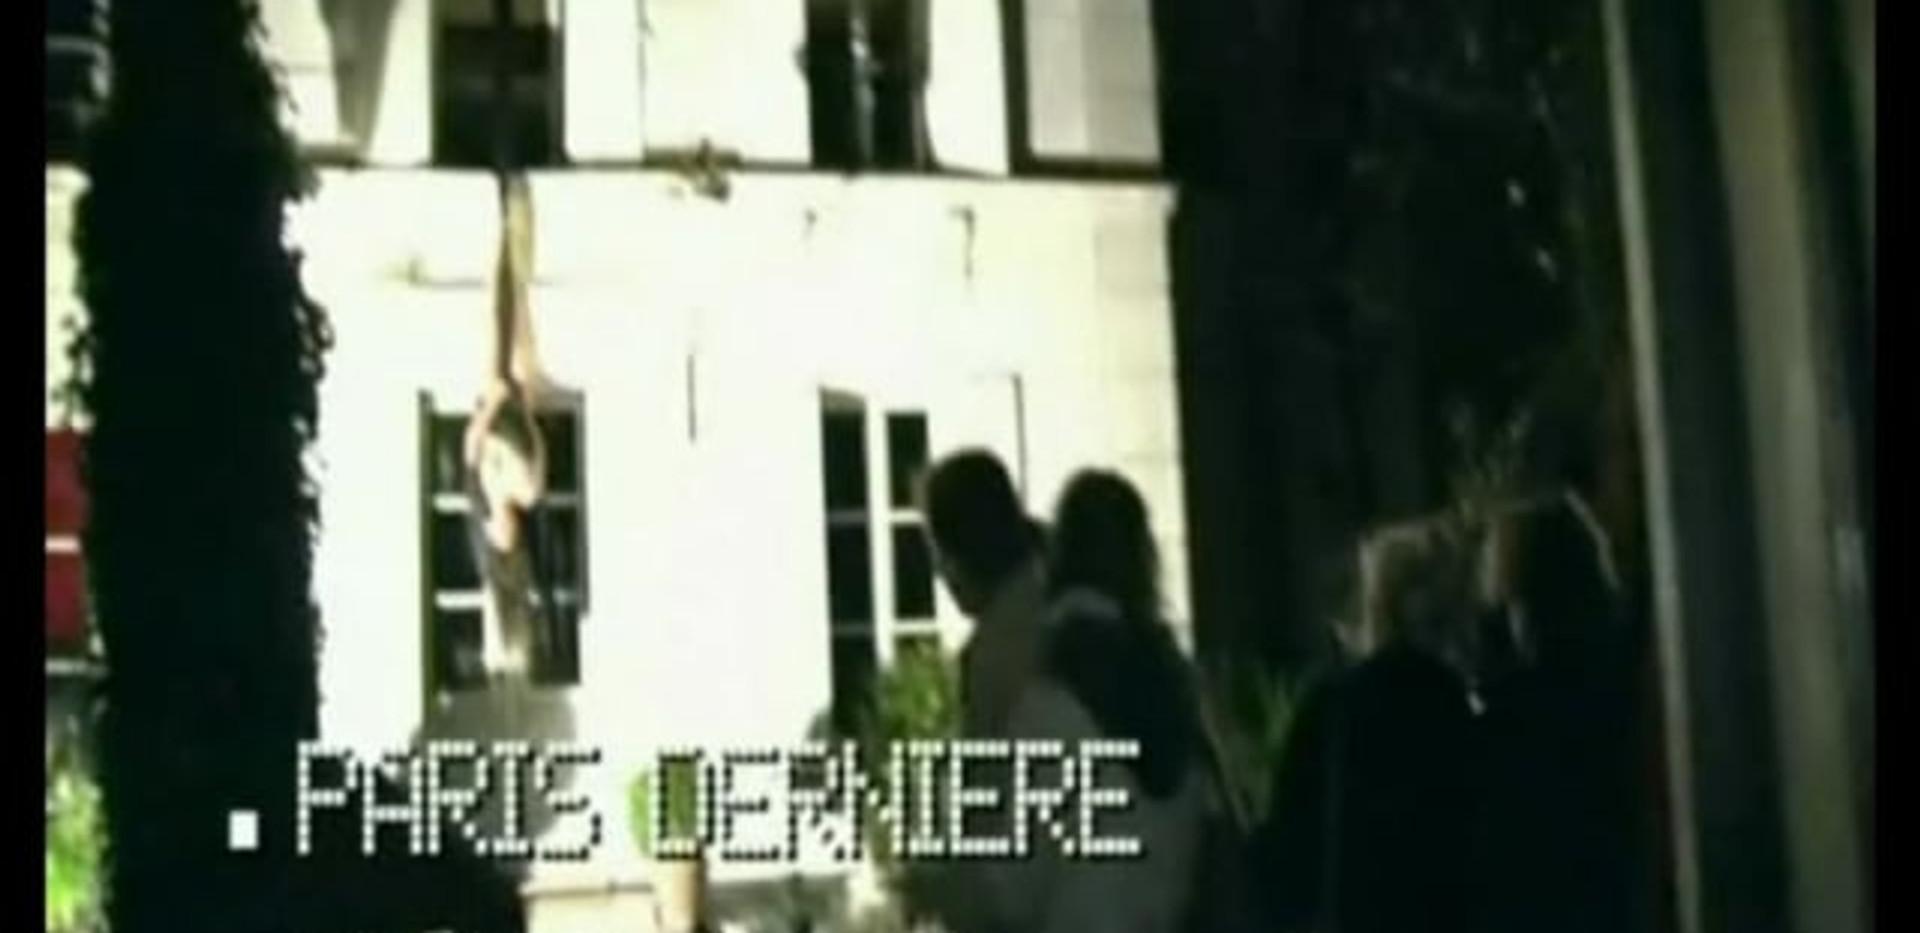 Action for the Hôtel particulier - Paris 2011 - Vidéo of performance HD Vidéo 2:34